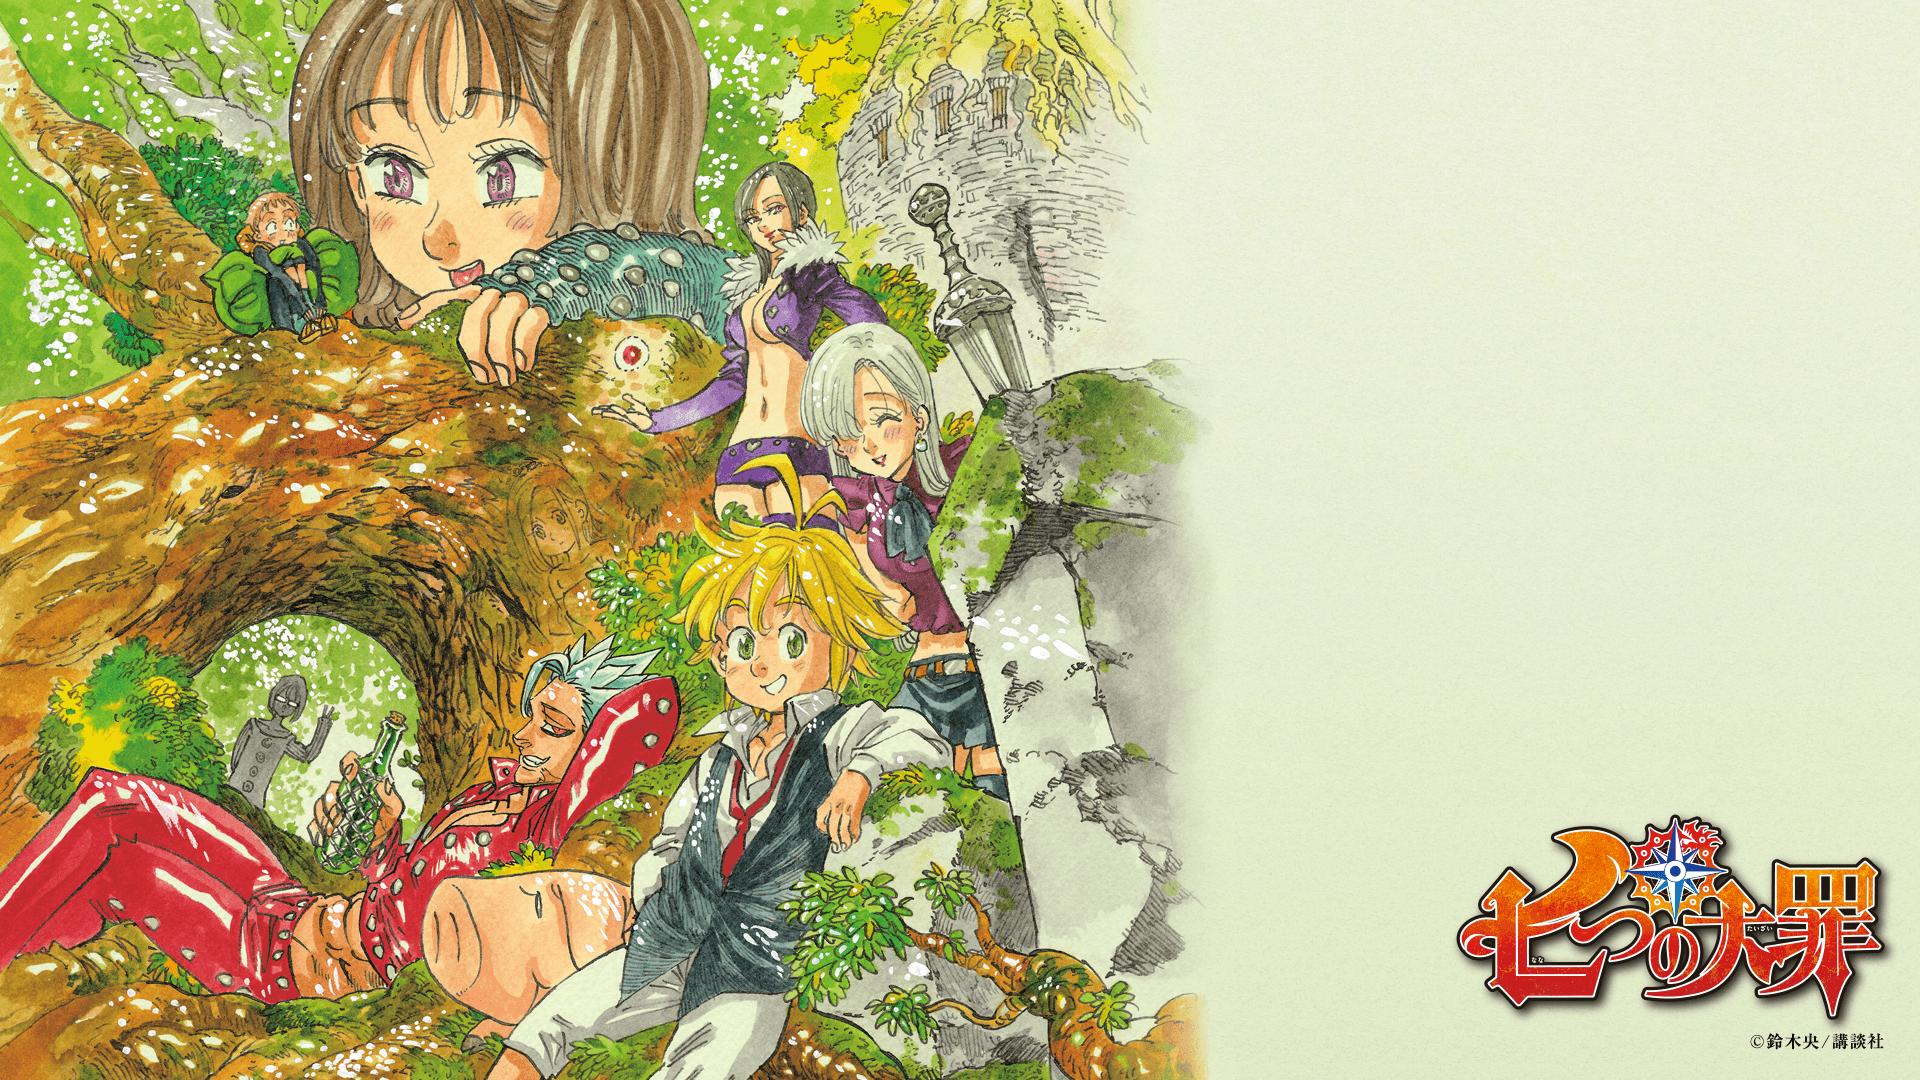 Nanatsu No Taizai Wallpaper Aesthetic - Resultado de imagen para nanatsu no taizai genderbend ...